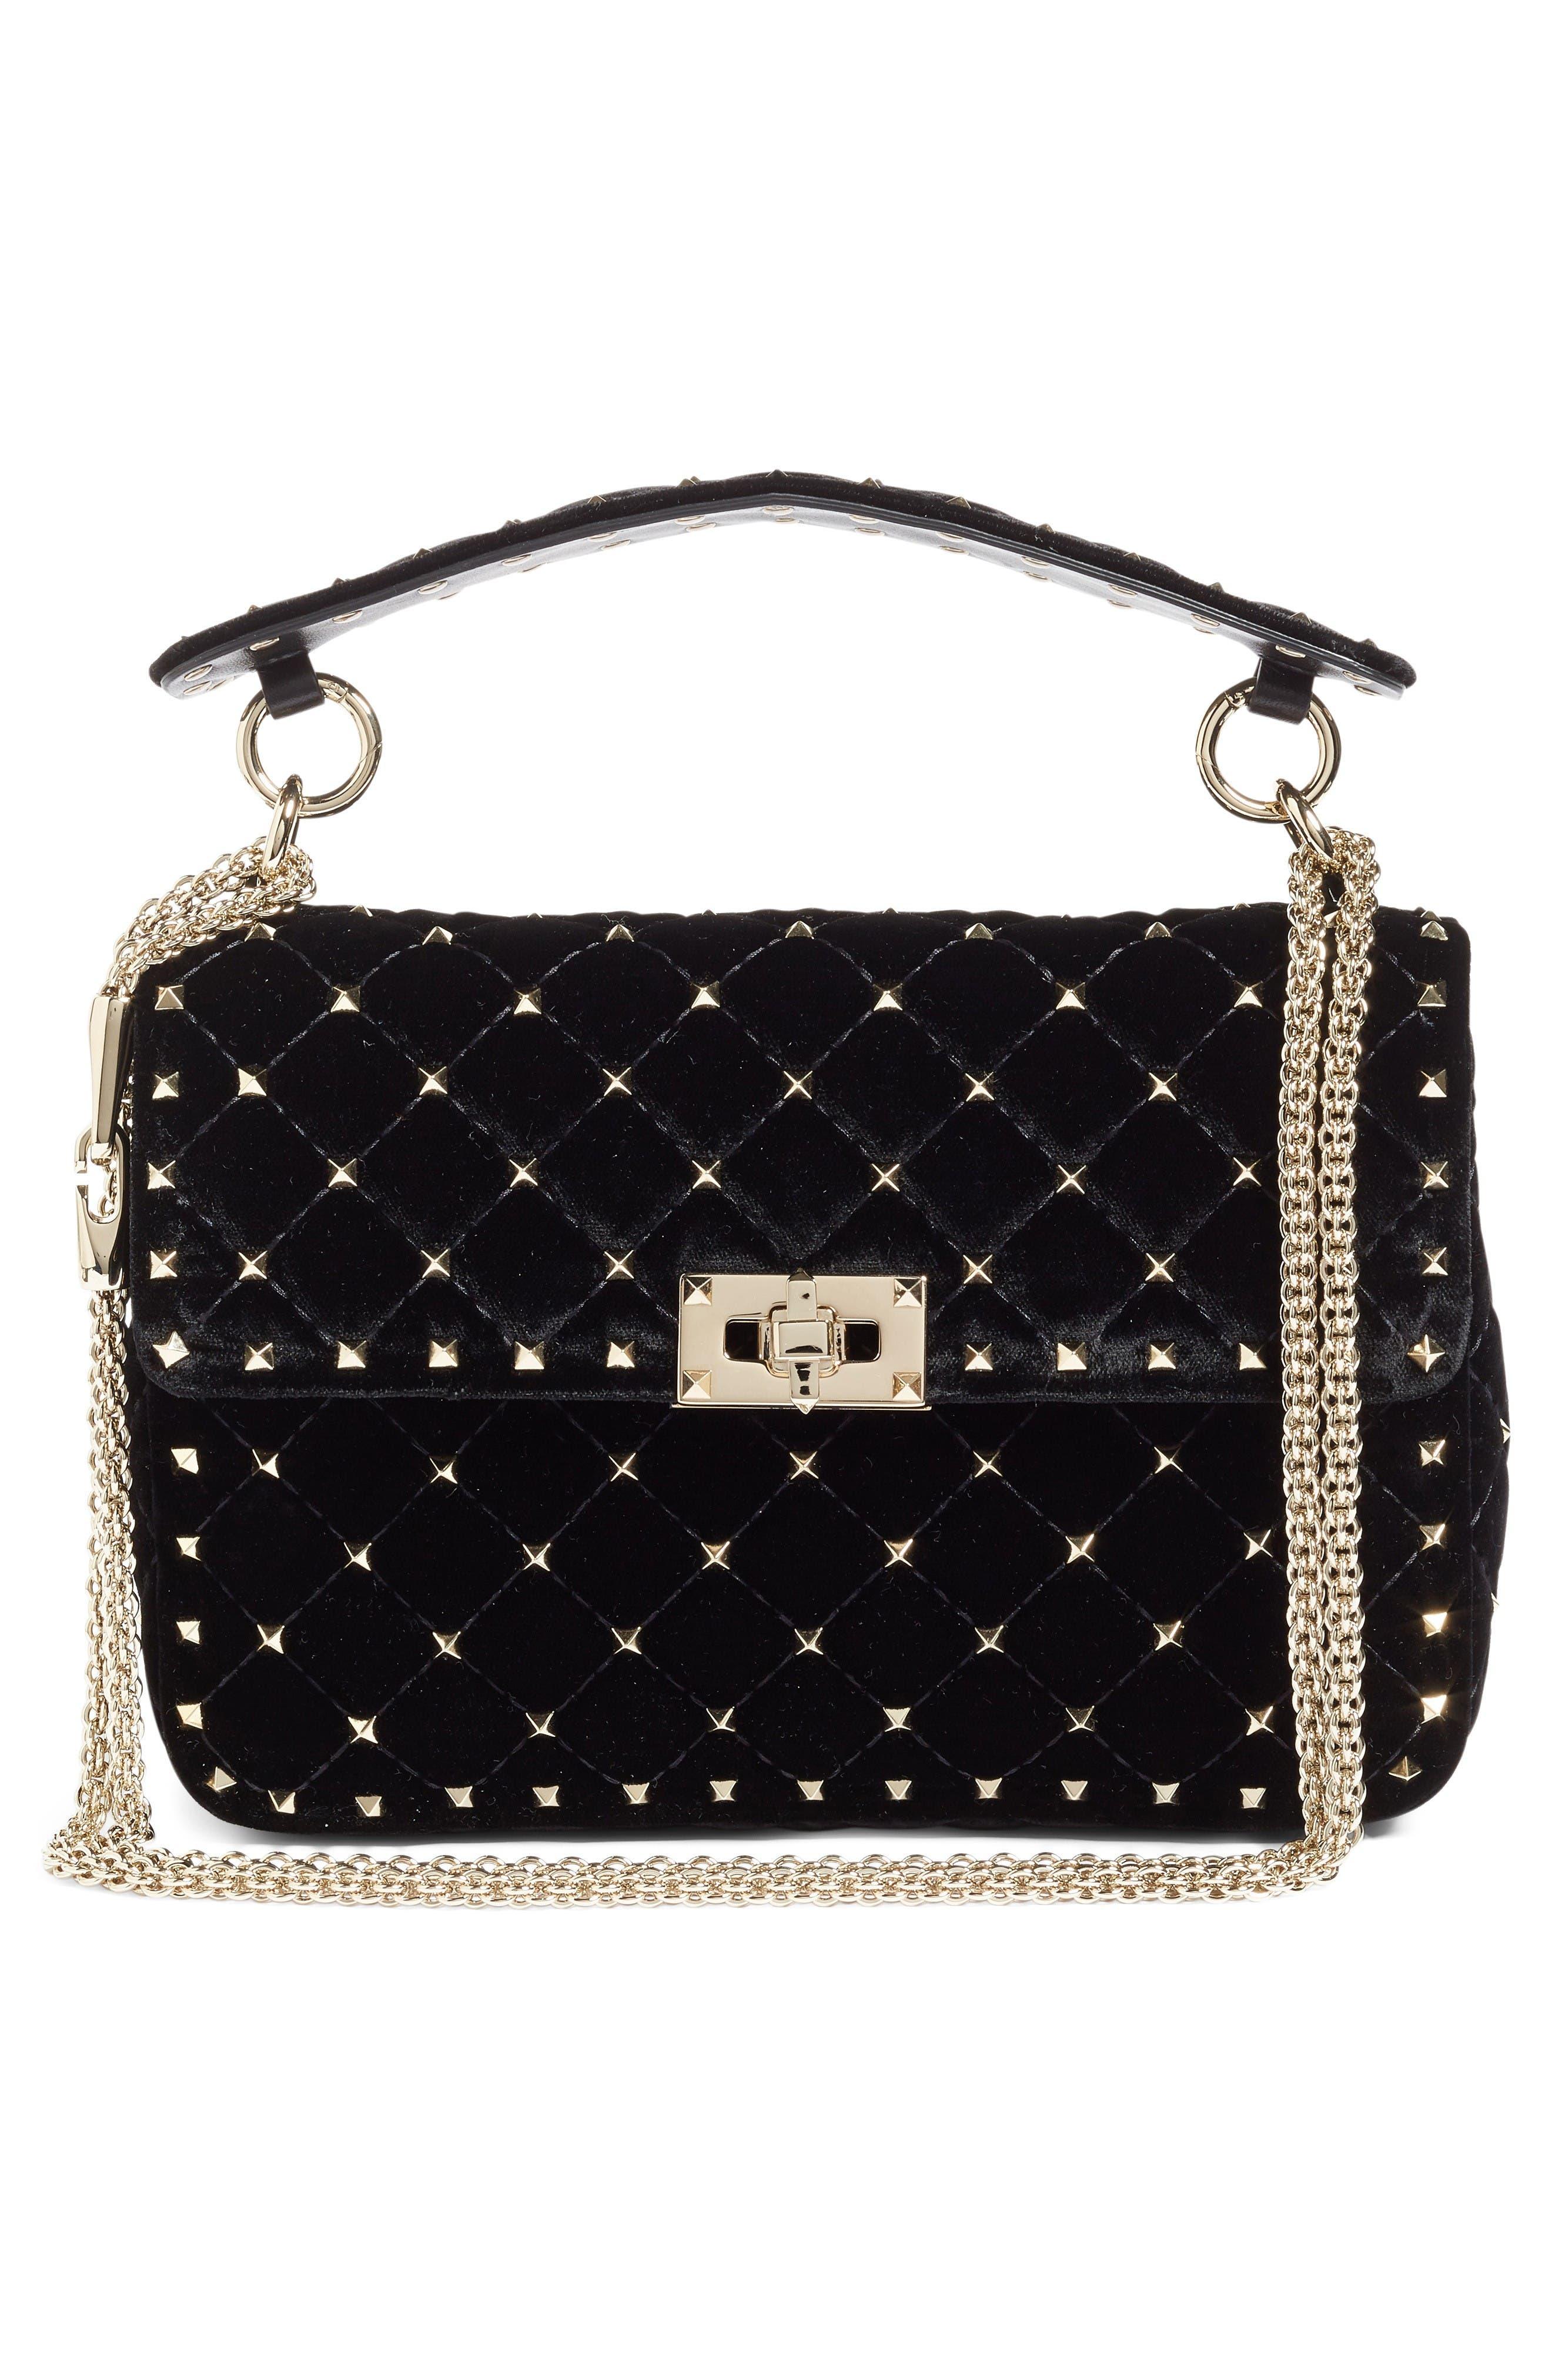 Main Image - VALENTINO GARAVANI Rockstud Spike Velvet Shoulder Bag